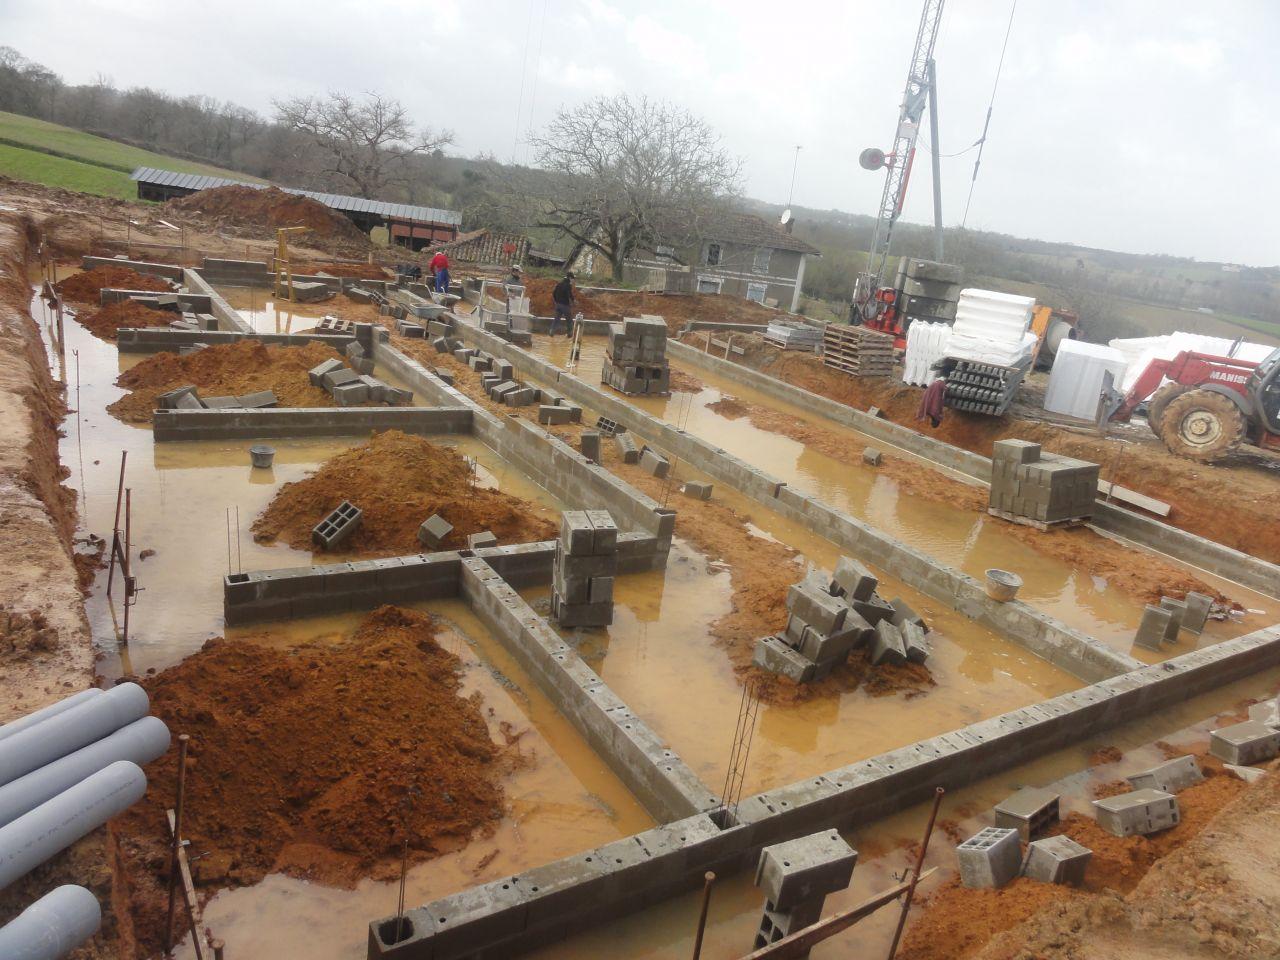 Les fondations de la maison et des terrasses, sous le mauvais temps